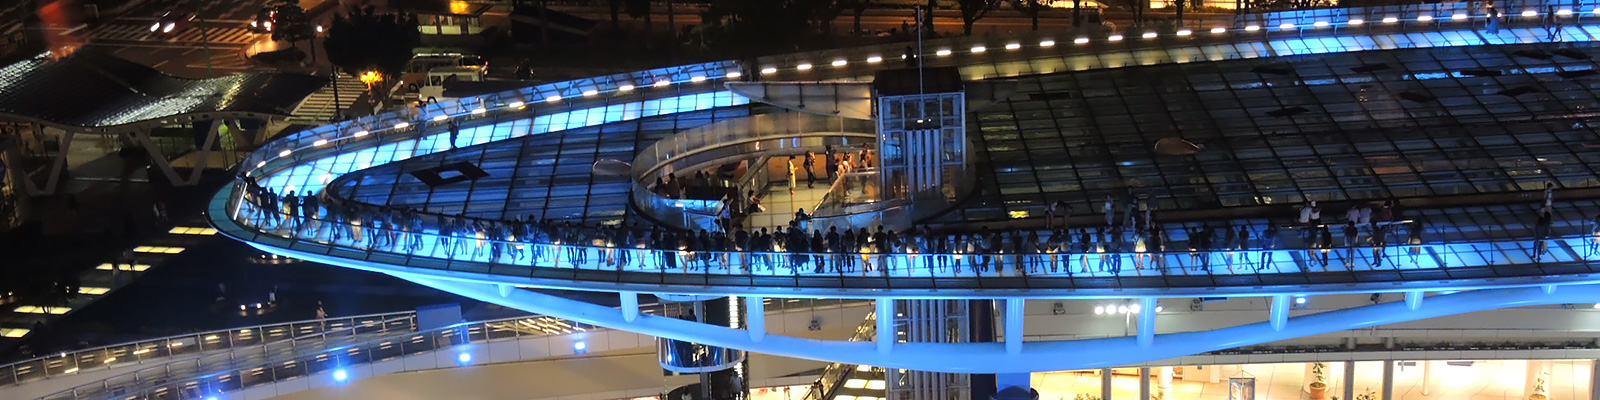 反東京としての地方建築を歩く11 「終わらないトリエンナーレとしての名古屋の建築」